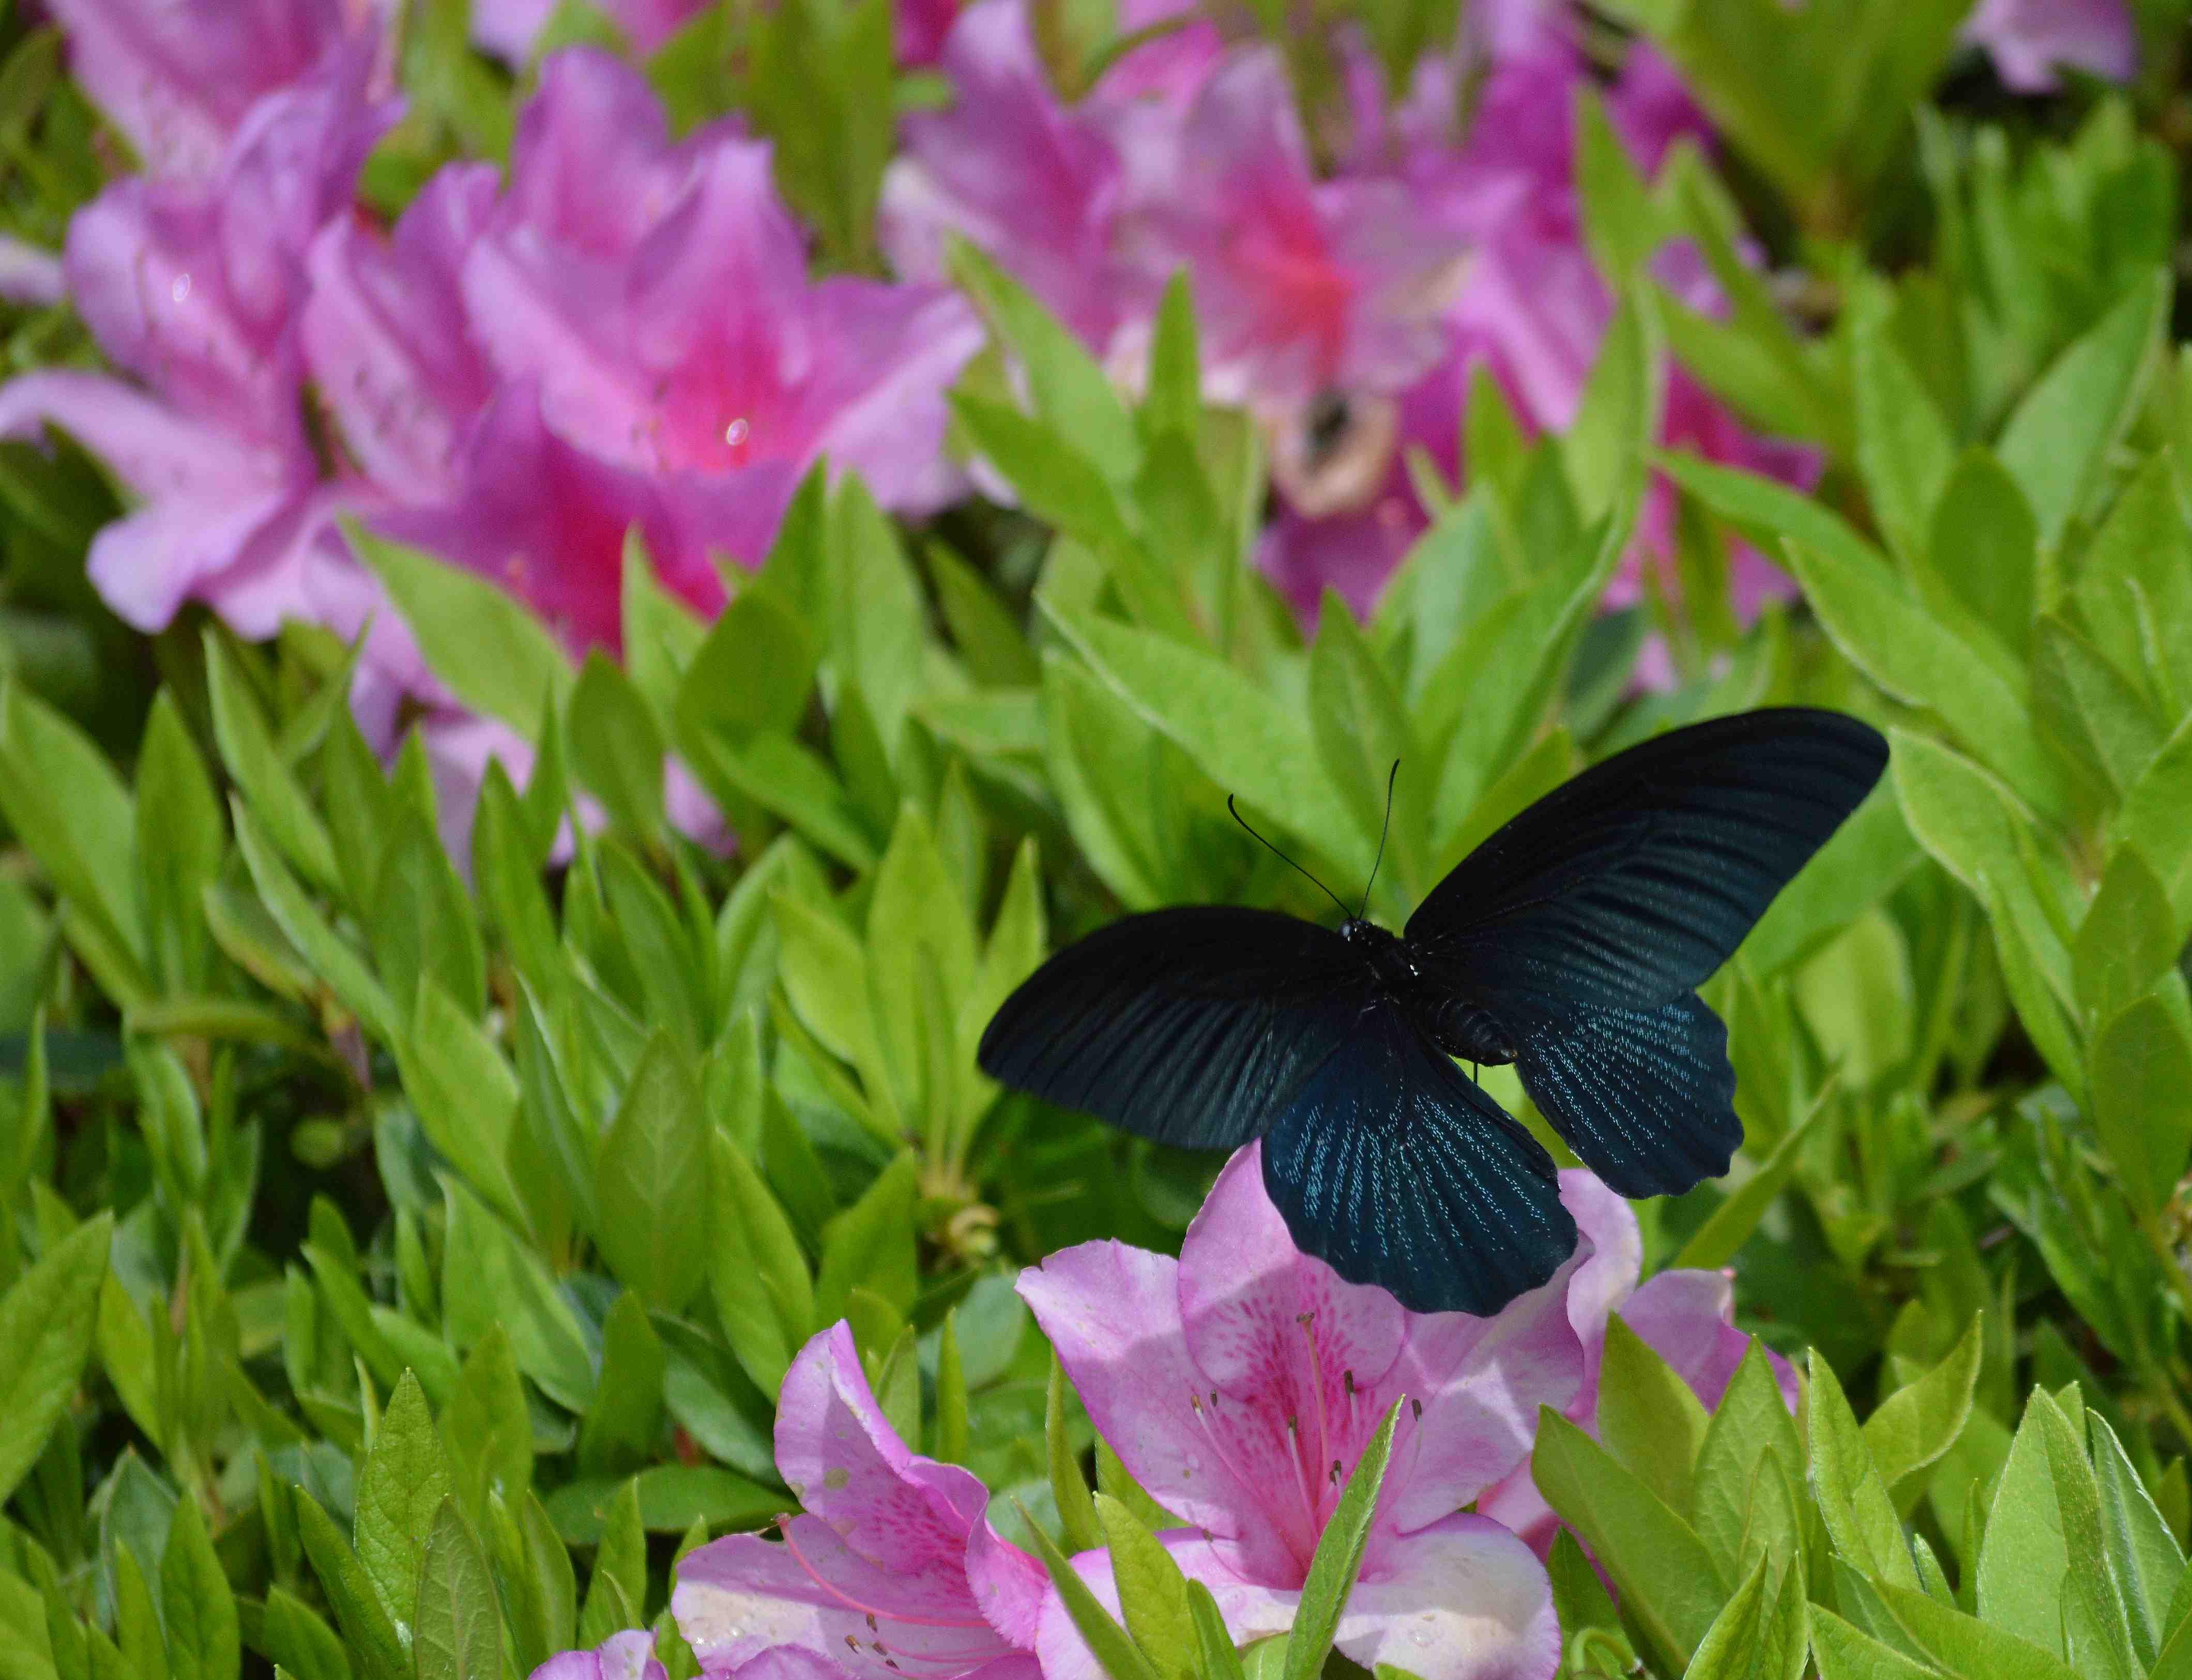 ナガサキアゲハ 超巨大な蝶です_d0254540_1332493.jpg